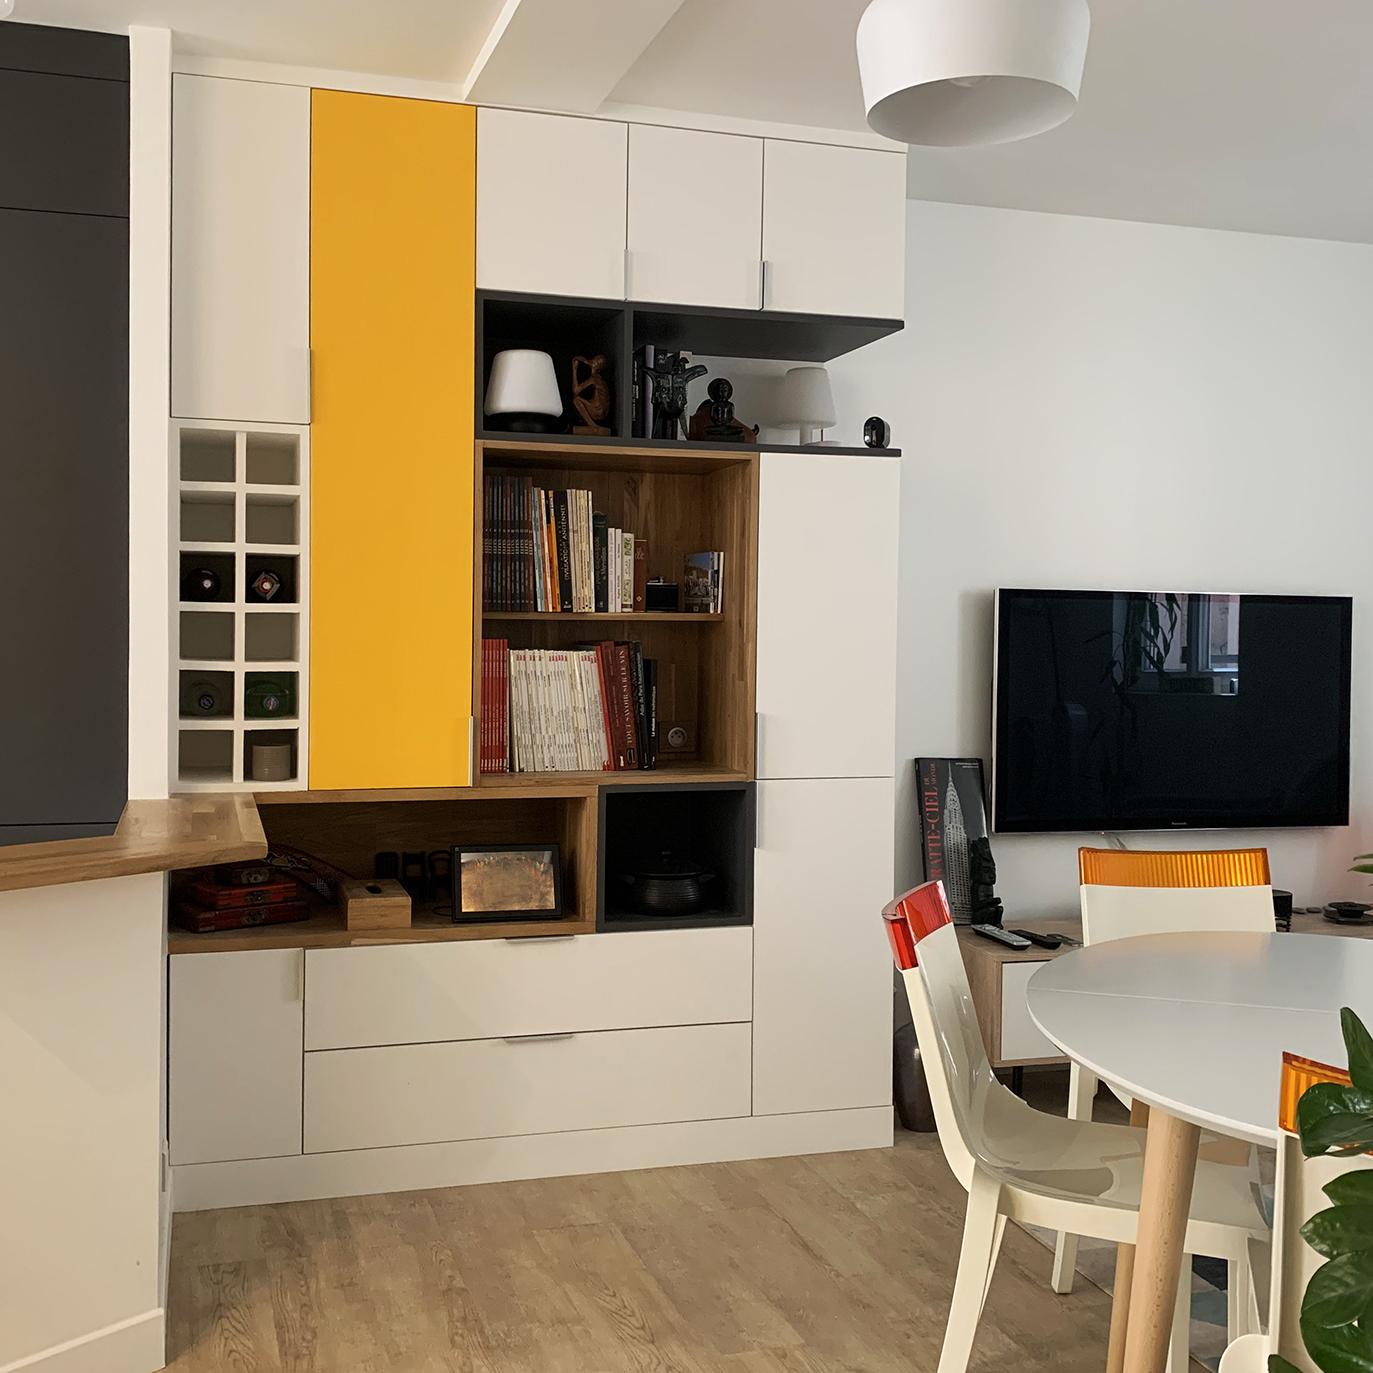 Location premium appartement pré-haussmannien